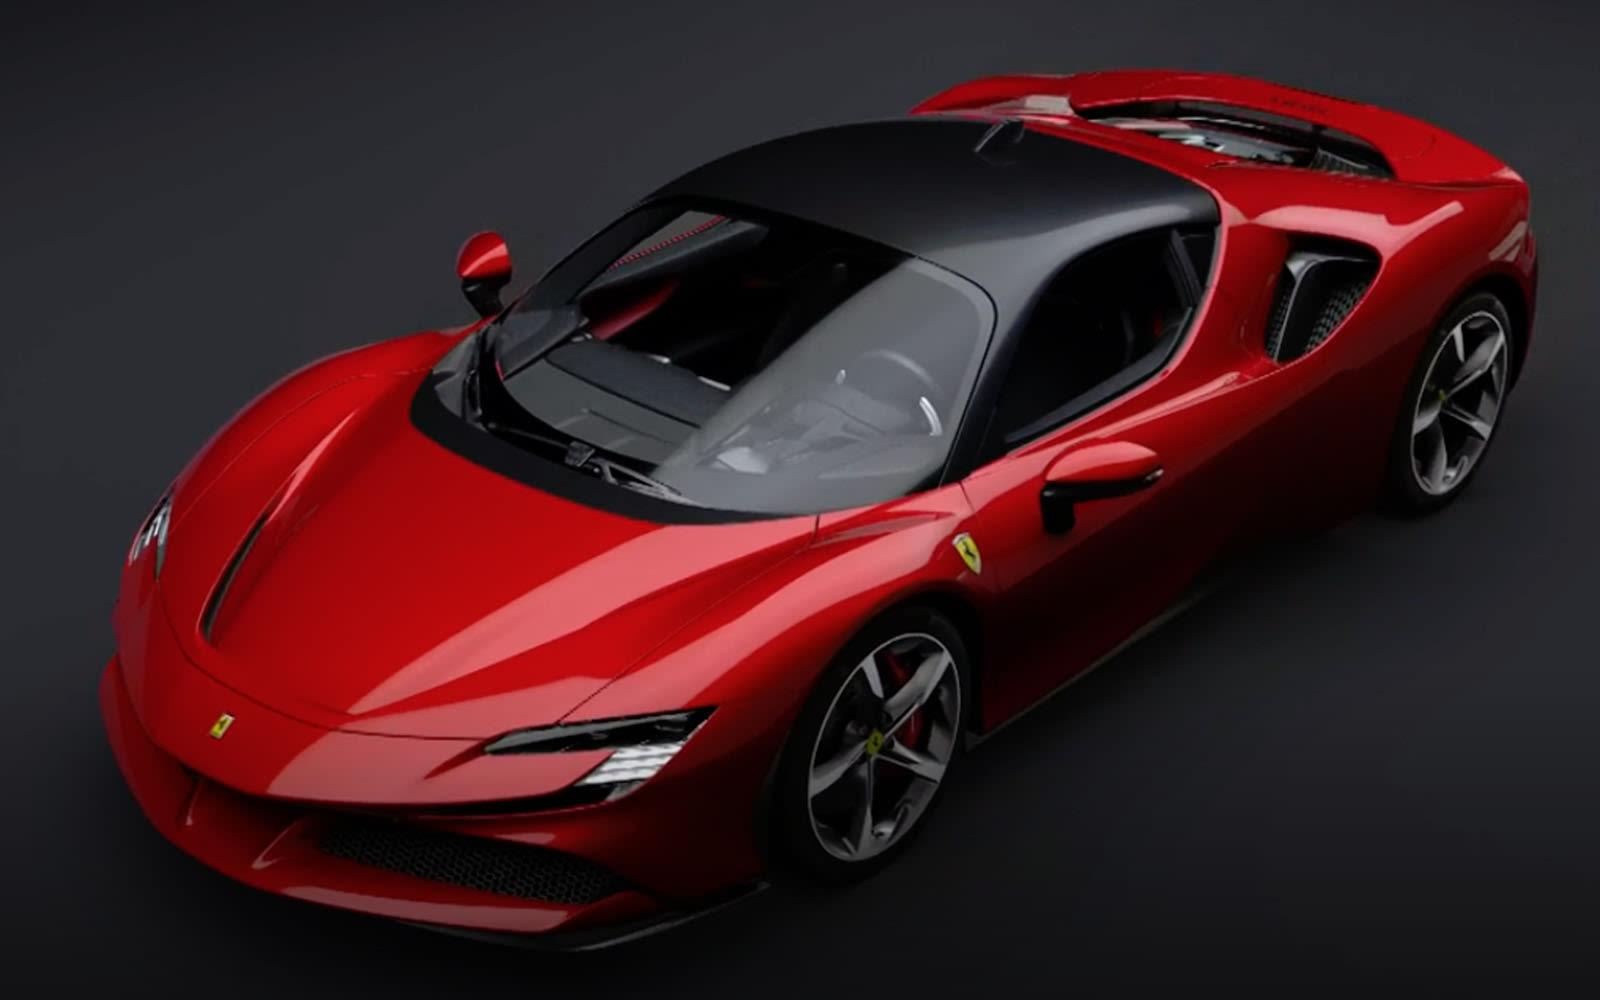 フェラーリ初の量産ハイブリッド Sf90ストラダーレ 発表 0 100km H 2 5秒 跳ね馬史上最速謳う Engadget 日本版